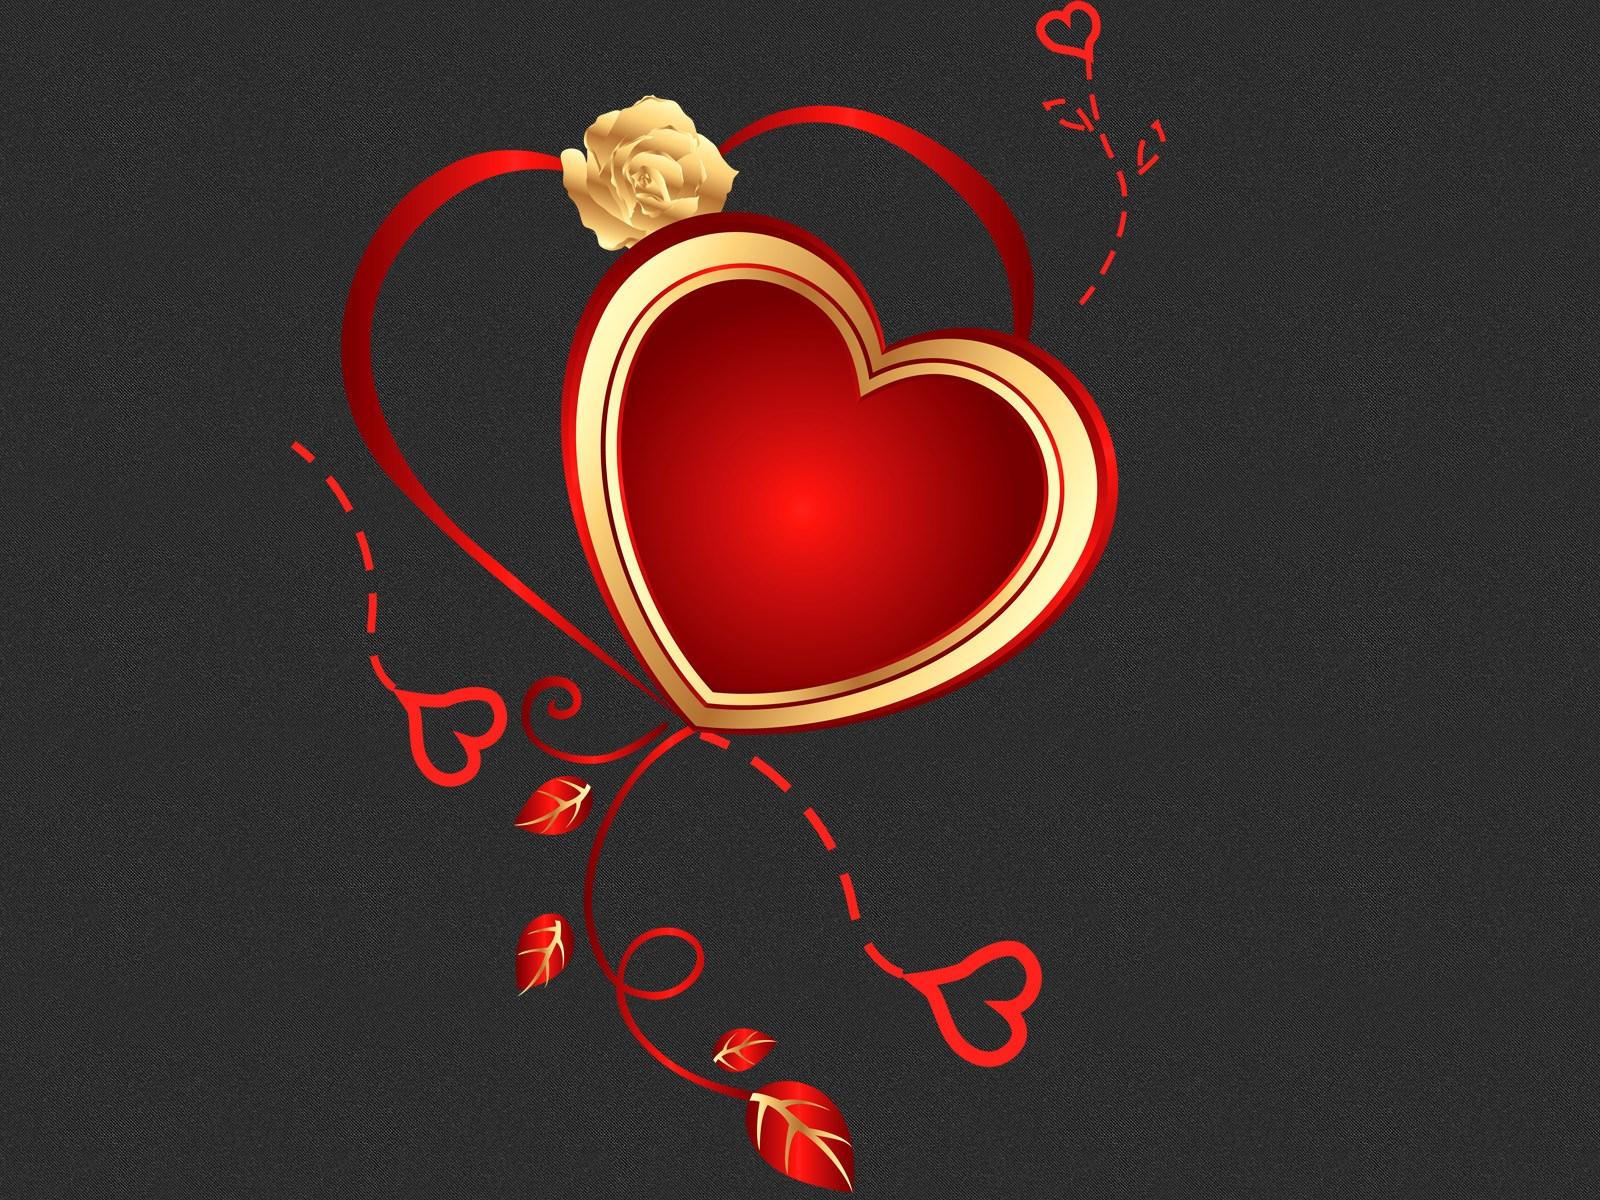 Hintergrundbilder : Illustration, Liebe, Herz, rot, Text, Logo ...